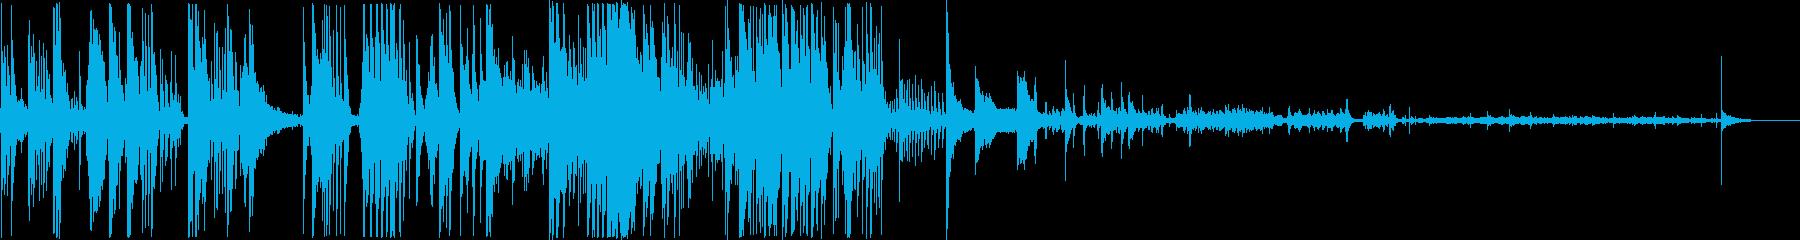 非常におしゃべりなドラム、自由、そ...の再生済みの波形